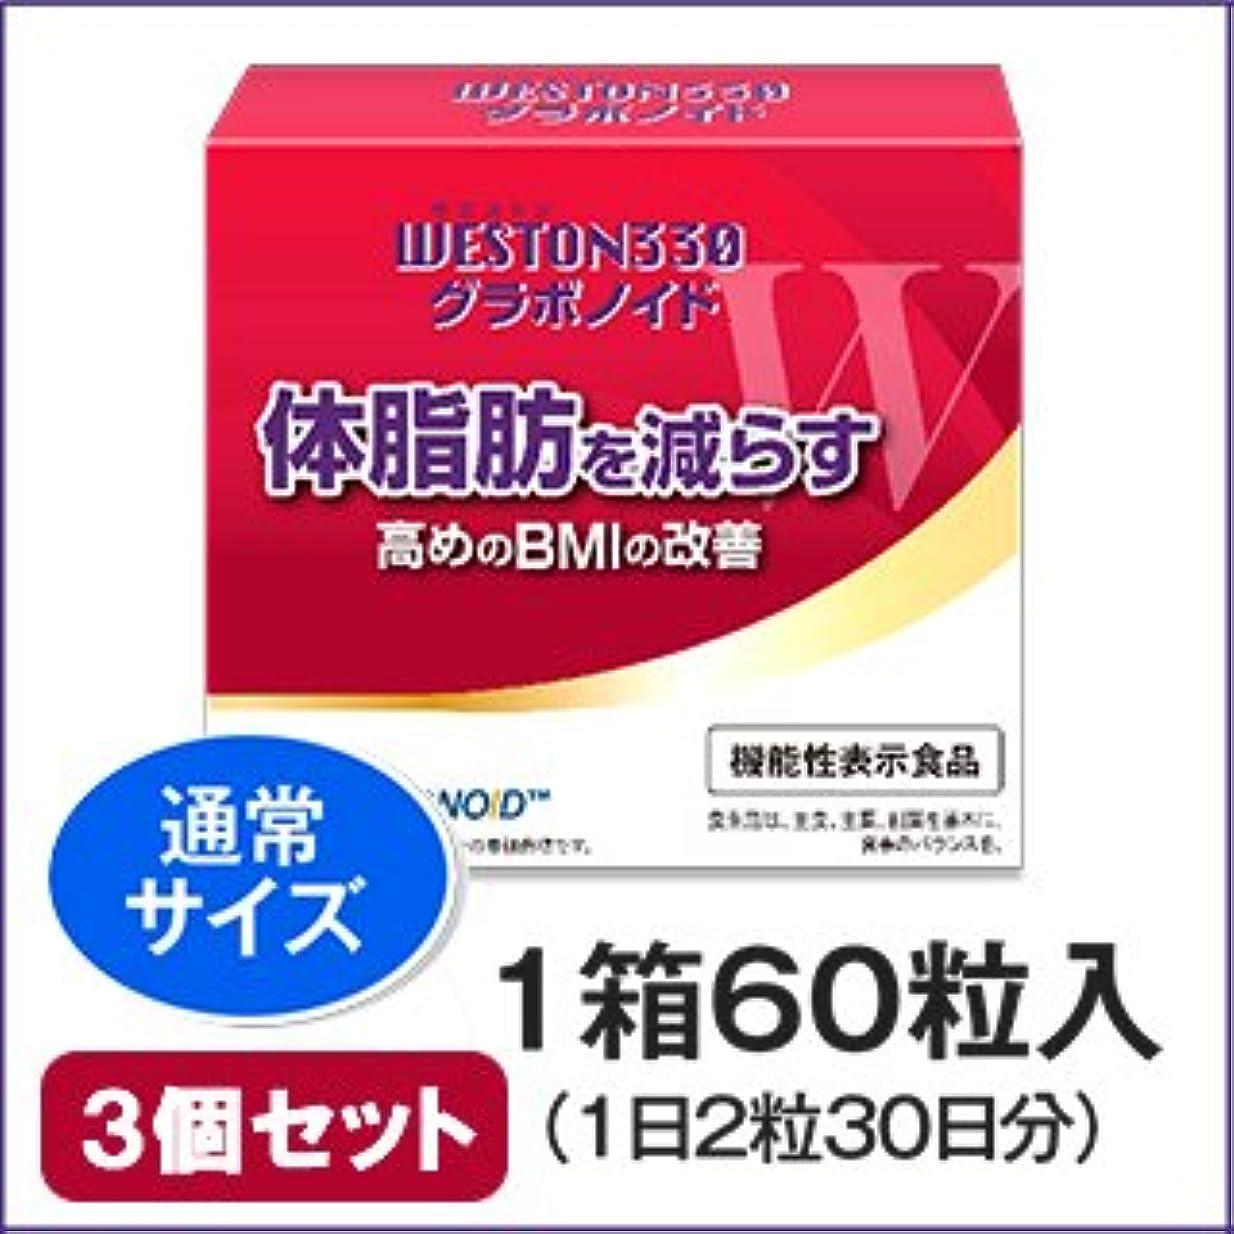 個人的な協定炭水化物ウエストン330グラボノイド(30日分 1箱60粒入り)×3個セット